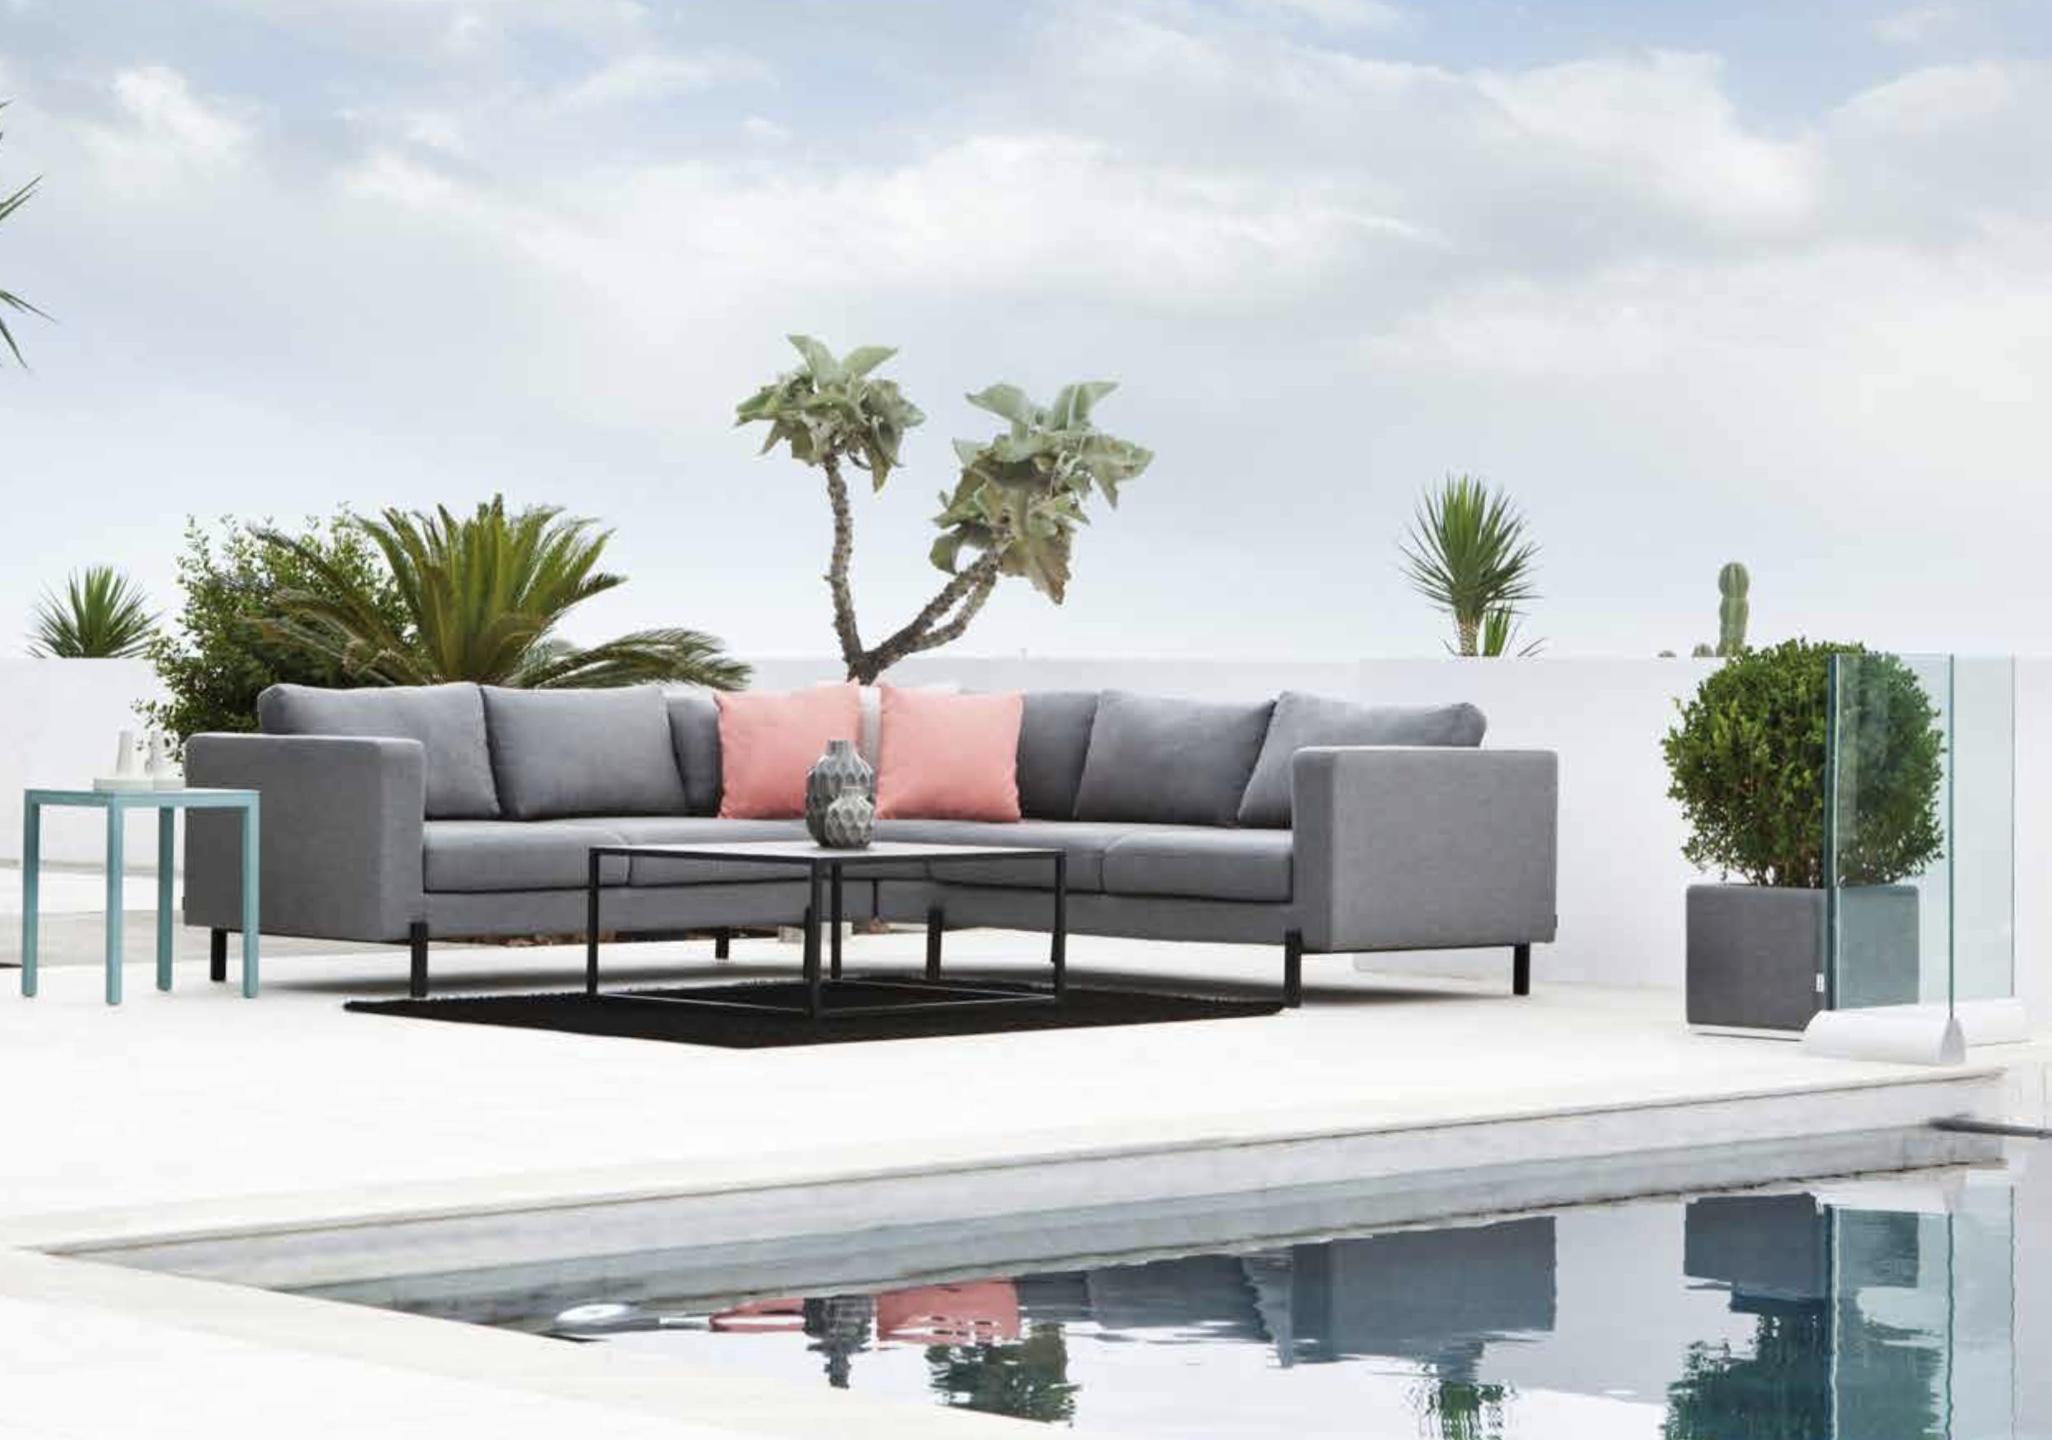 Décoration Et Mobilier D'extérieur - Design À Rennes Et Dinard avec Meuble Jardin Liquidation